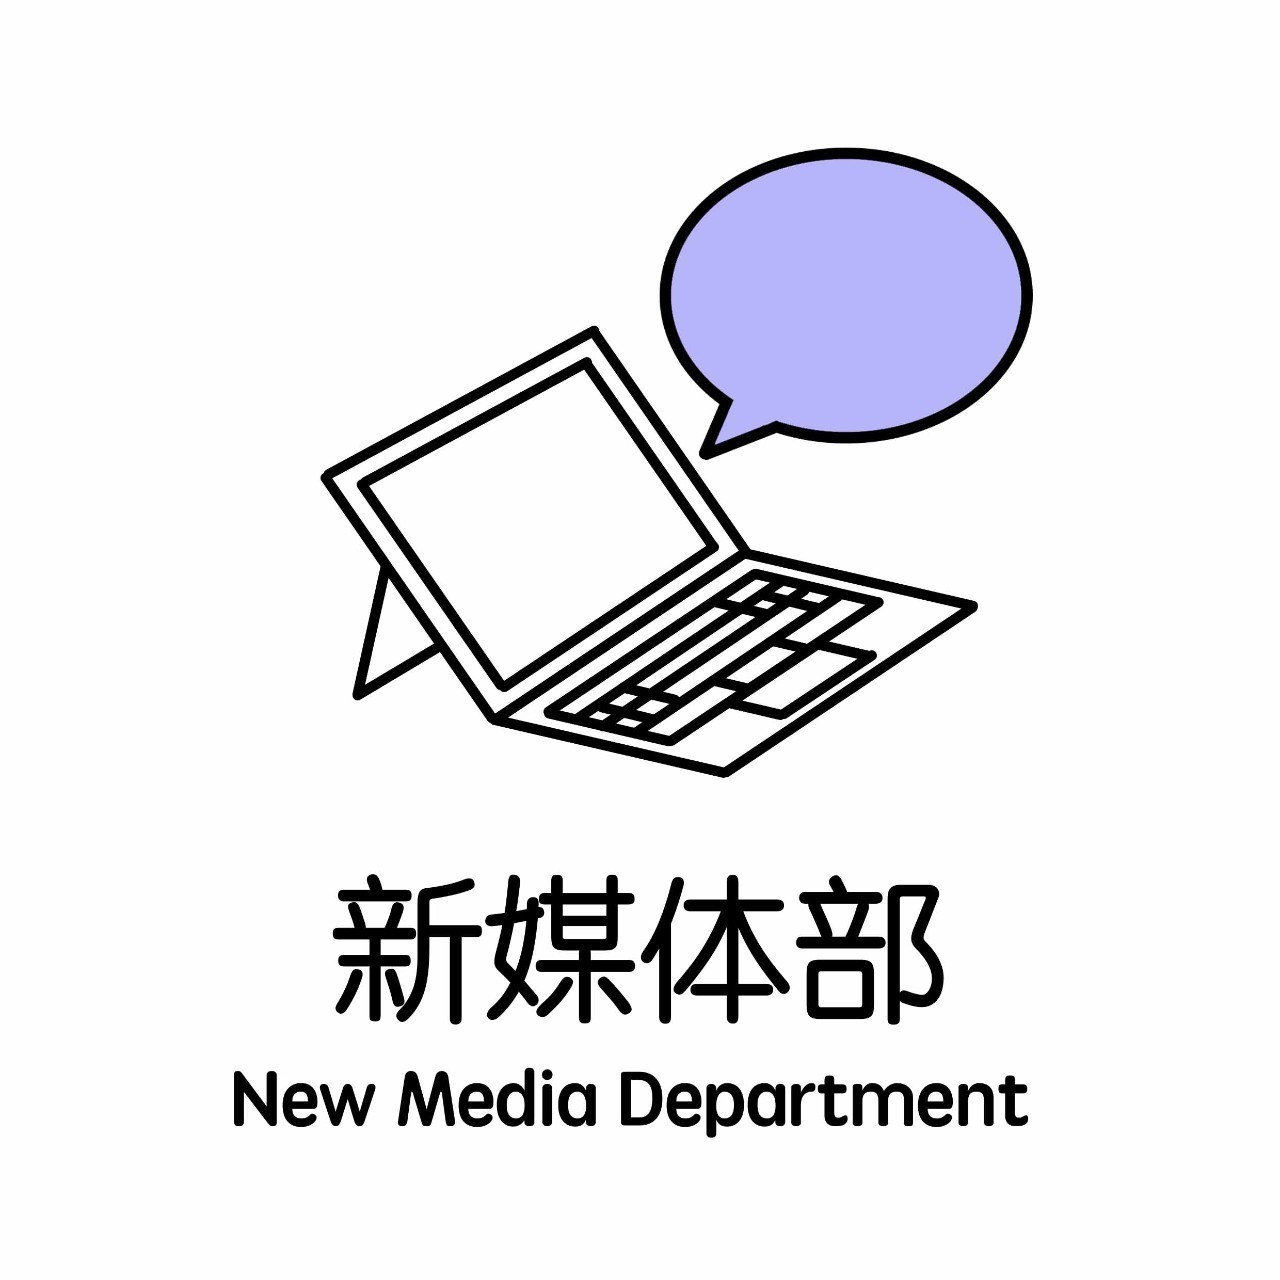 2019学年第一学期学生会新媒体部述职报告